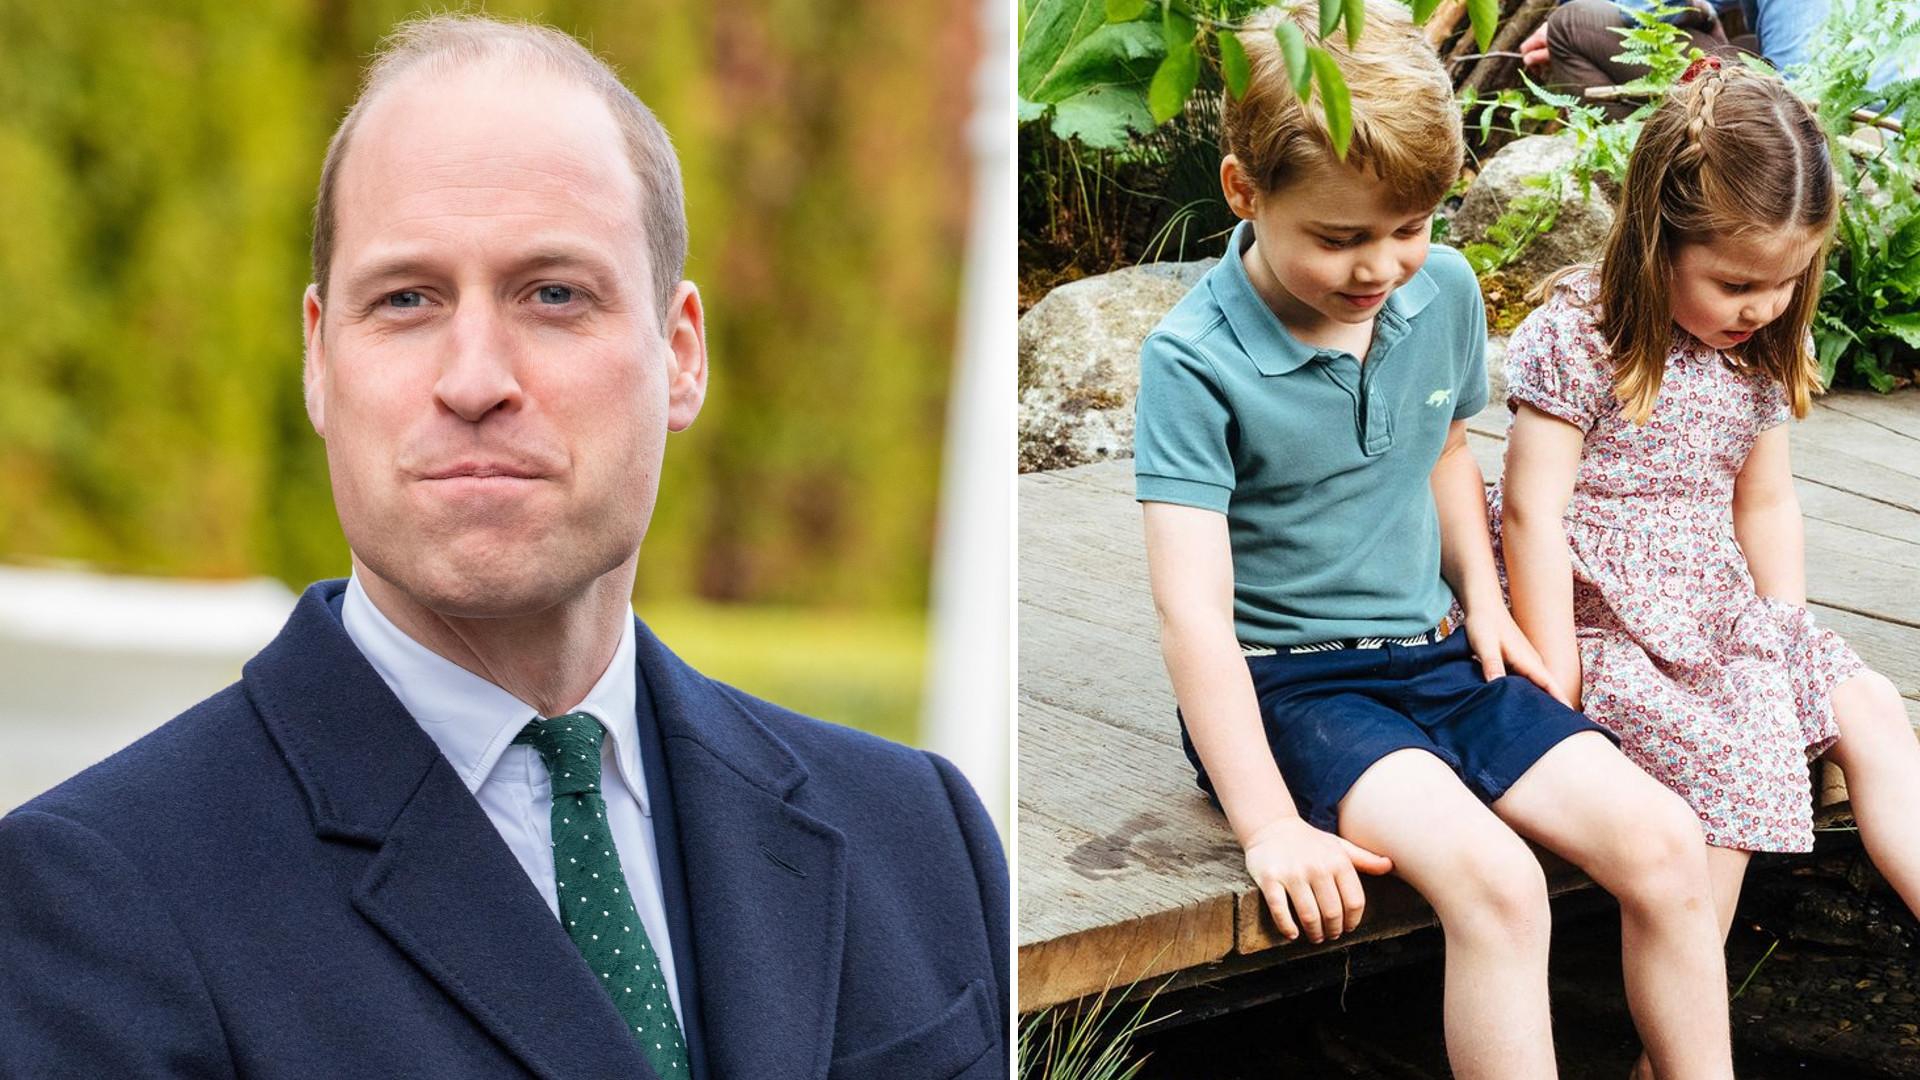 Książę William pokazał się publicznie z Georgem i Charlotte. Chłopiec bardzo urósł i coraz bardziej przypomina ojca